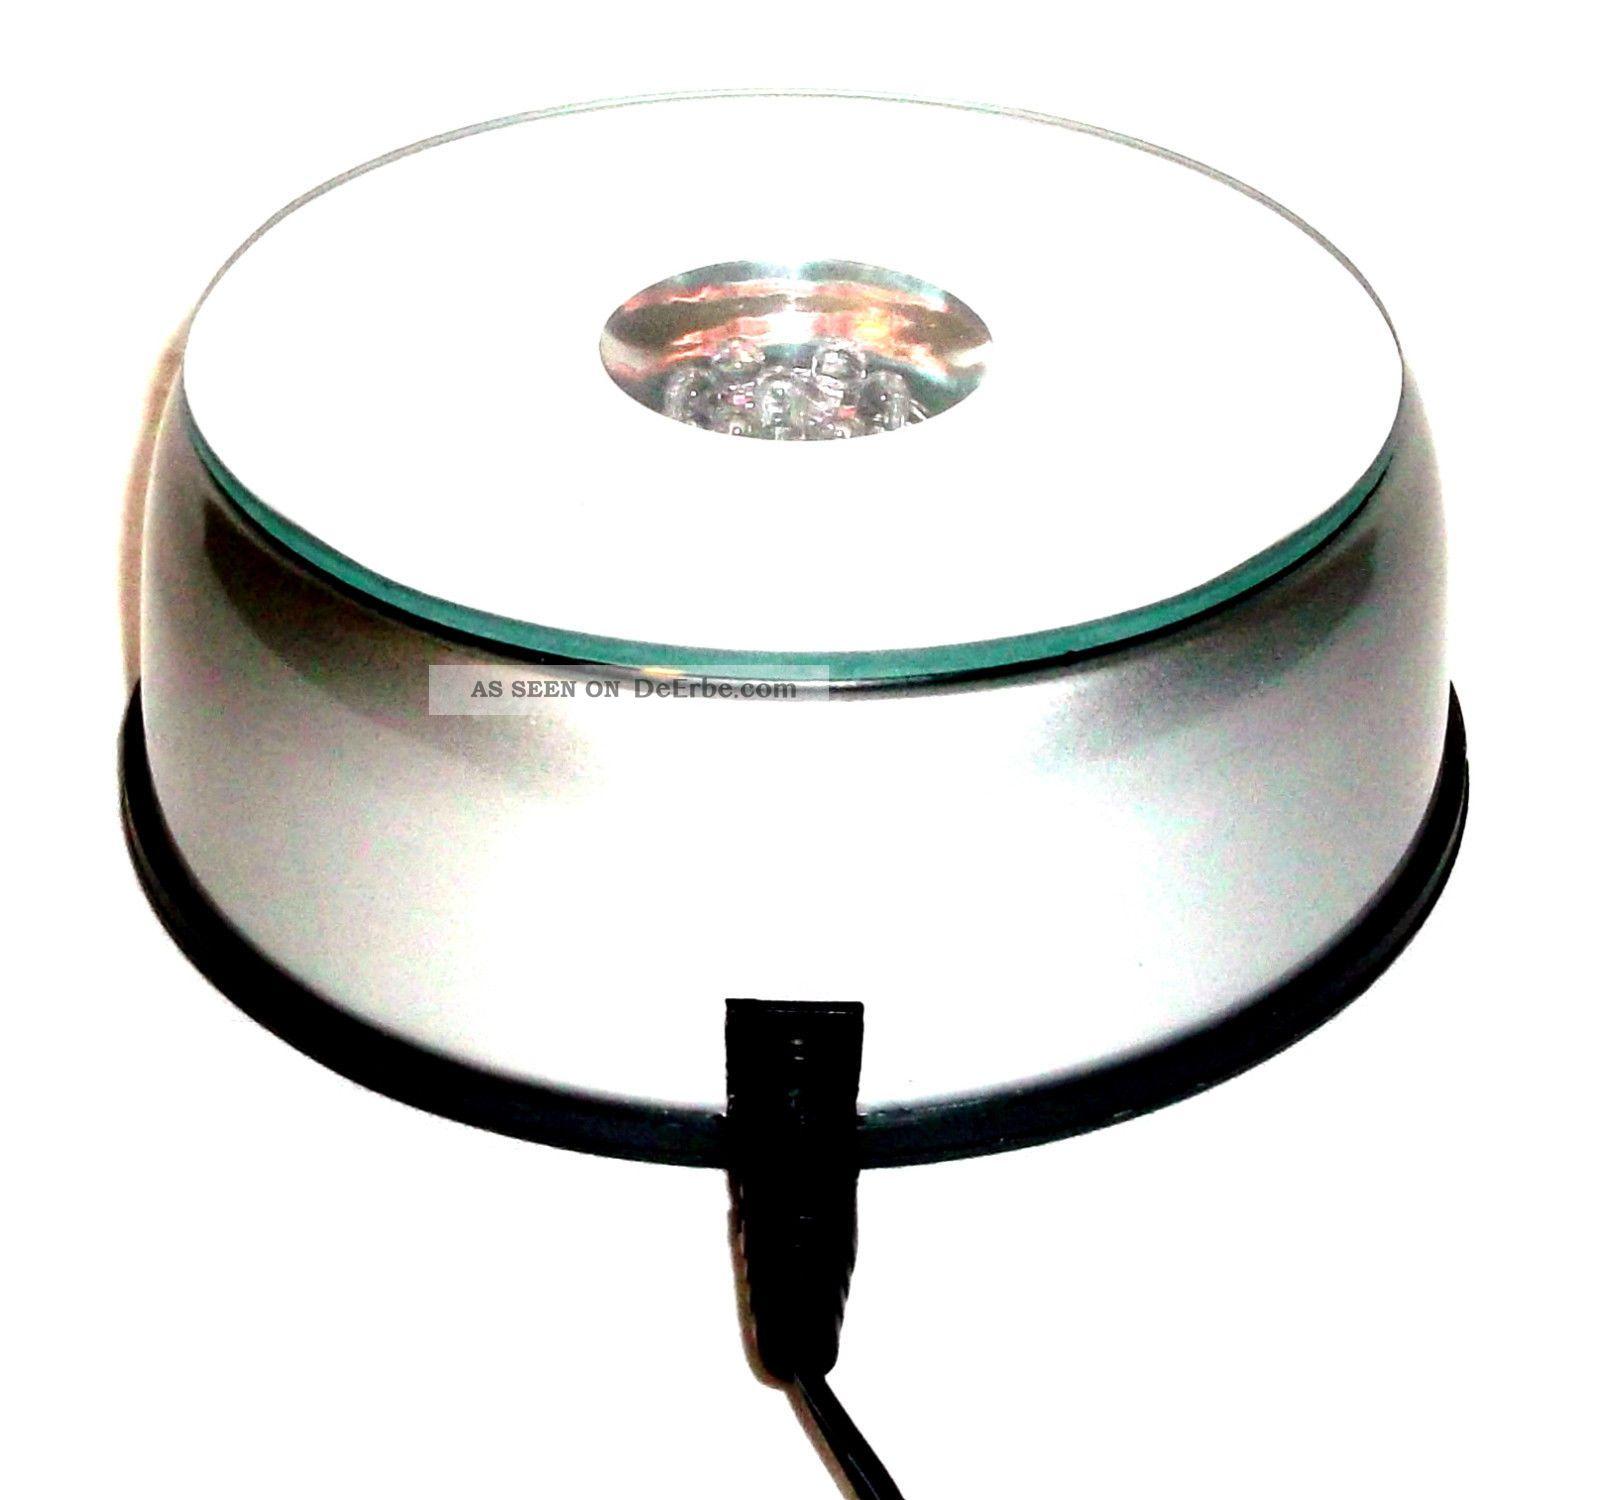 7 led leuchte sockel untersetzer drehteller deko aufsteller pokale vase 10cm 90. Black Bedroom Furniture Sets. Home Design Ideas